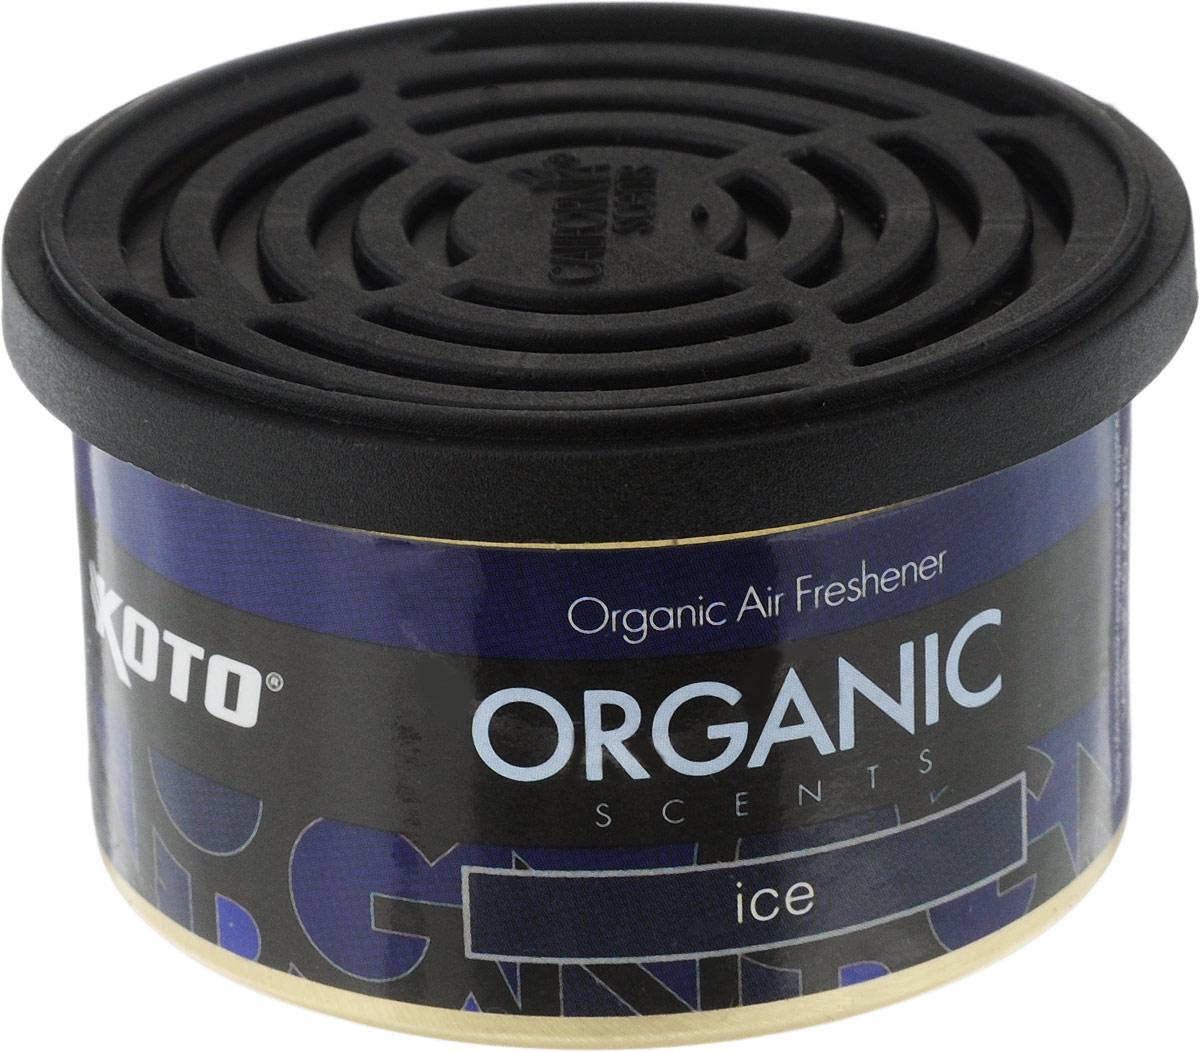 Ароматизатор автомобильный Koto Organic, ледFPO-103Автомобильный ароматизатор Koto Organic эффективно устраняет неприятные запахи и придает приятный аромат. Внутри - органический наполнитель, который не растекается и не вредит окружающей среде. Ароматизатор имеет удобную крышку-регулятор, так что интенсивность аромата вы сможете настроить сами. Стойкий аромат держится около 60 дней. Ароматизатор может быть расположен как на приборной панели, так и под сиденьем автомобиля. Товар сертифицирован.